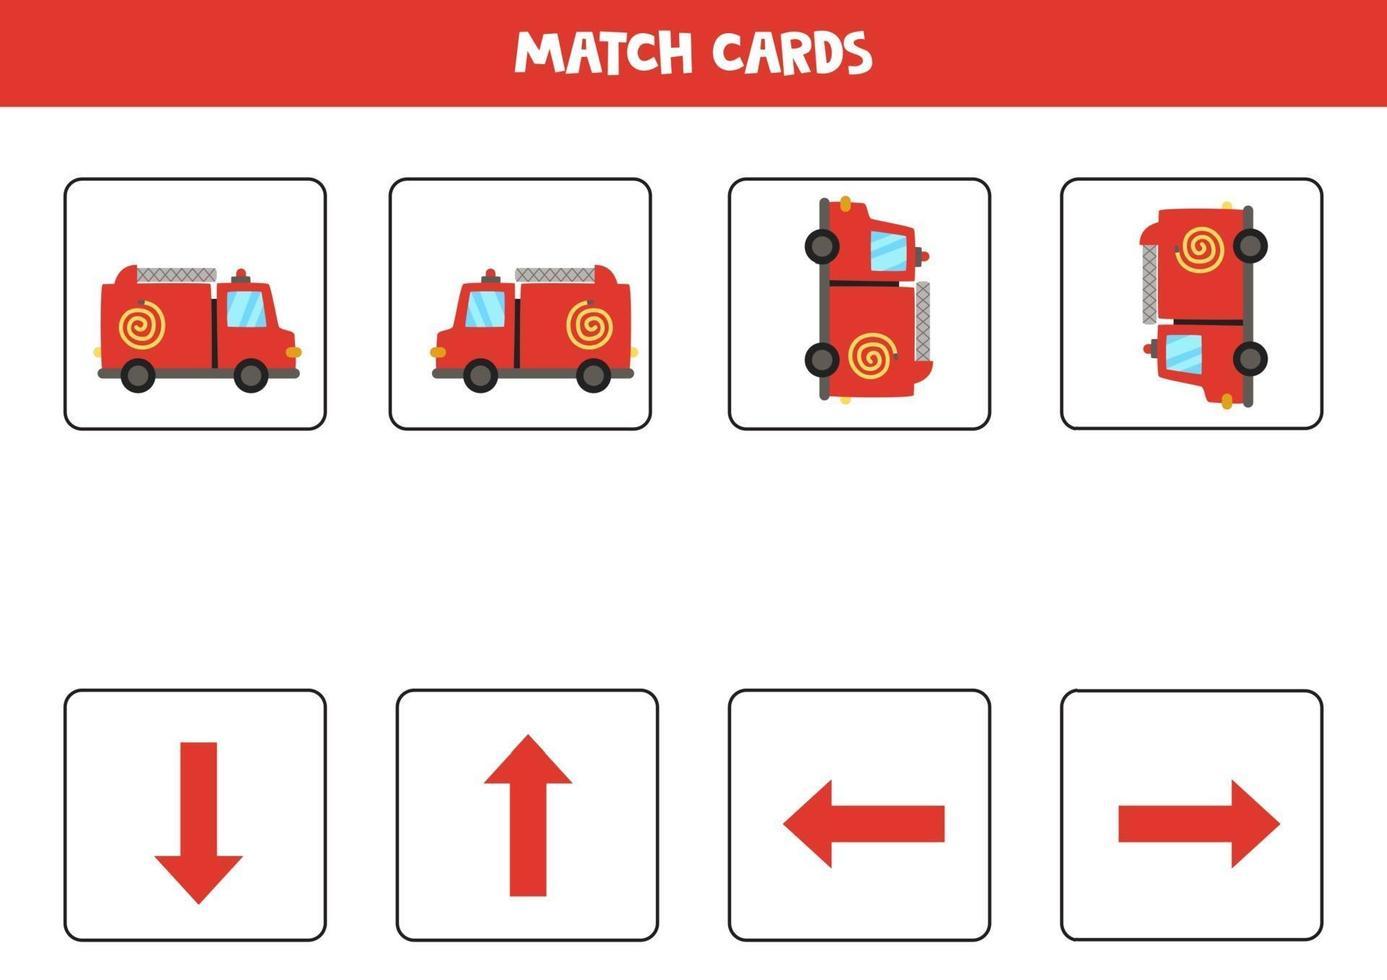 esquerda, direita, para cima ou para baixo. orientação espacial com caminhão de bombeiros dos desenhos animados. vetor